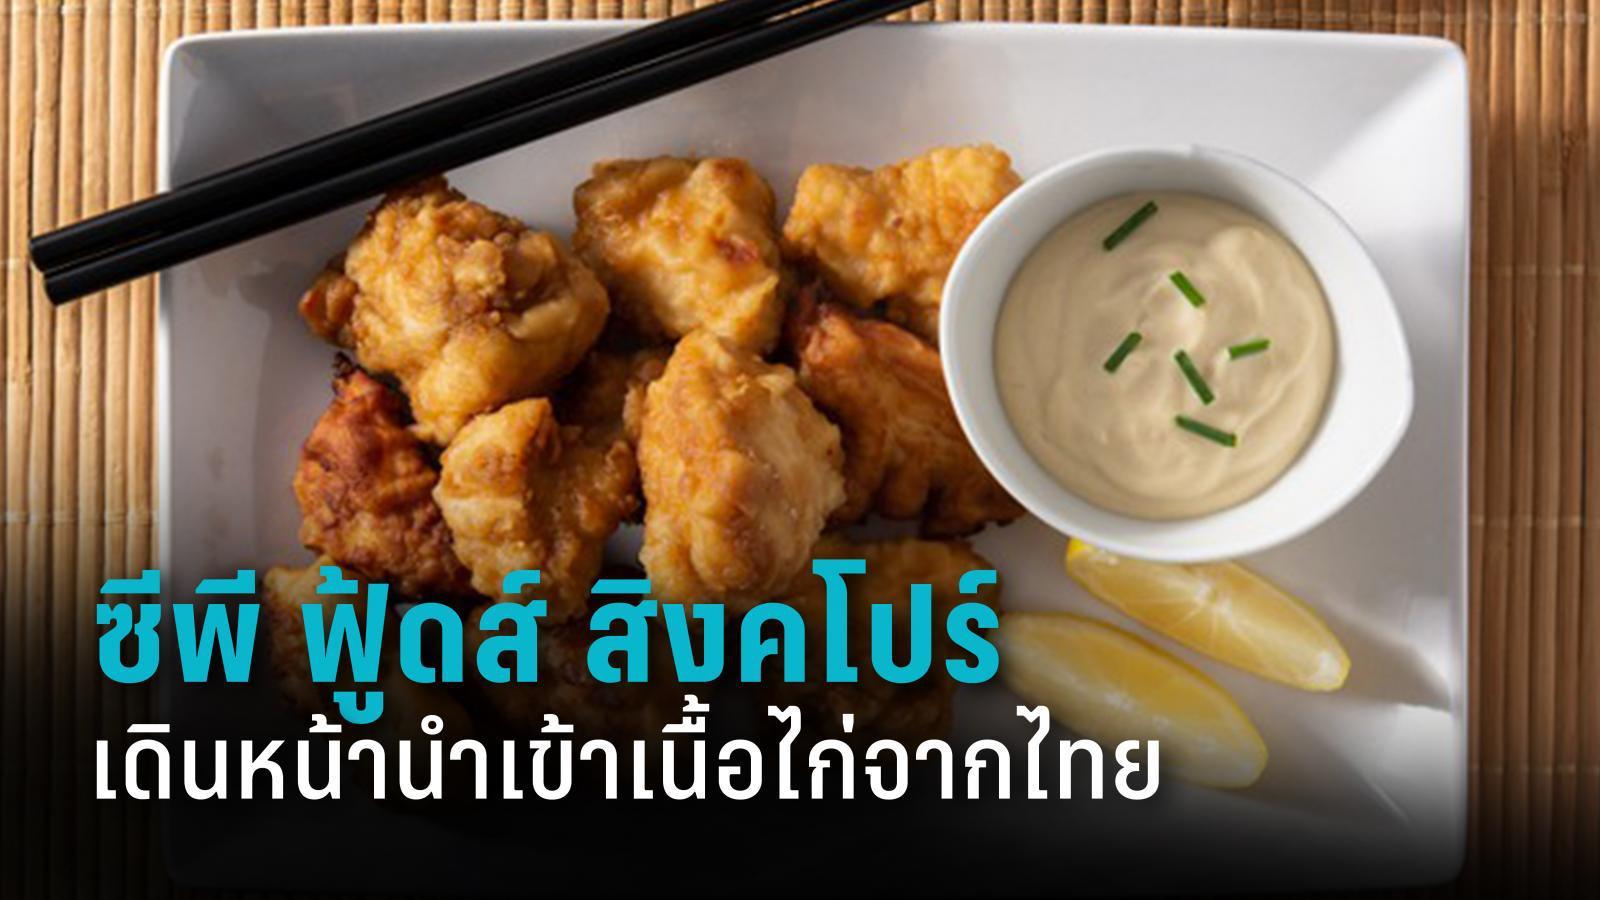 ซีพี ฟู้ดส์ สิงคโปร์ เดินหน้านำเข้าเนื้อไก่จากโรงงานไทย